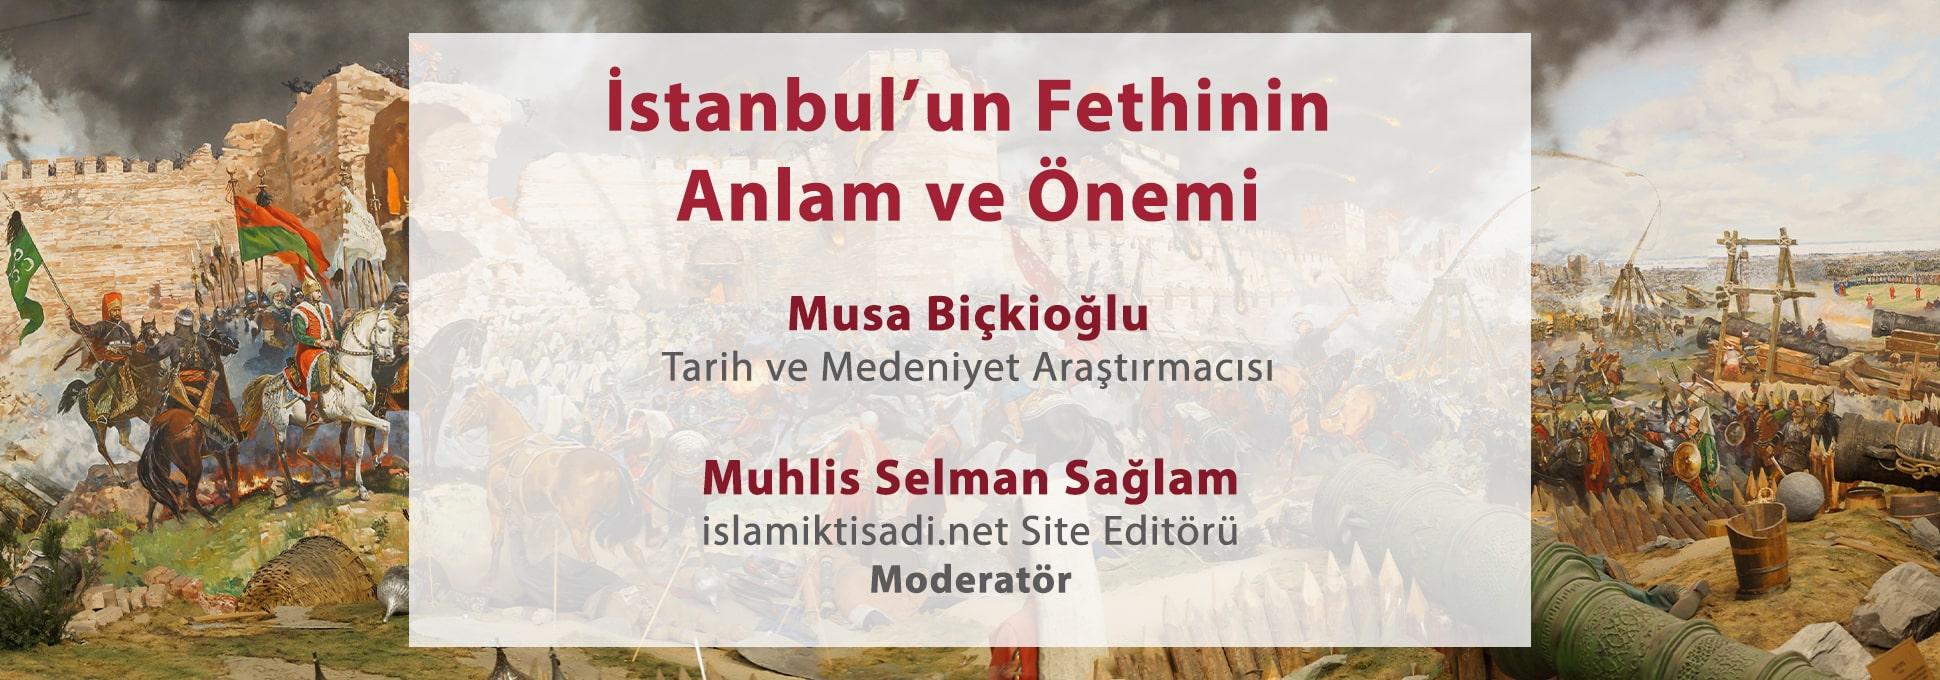 İstanbul'un Fethinin Anlam ve Önemi